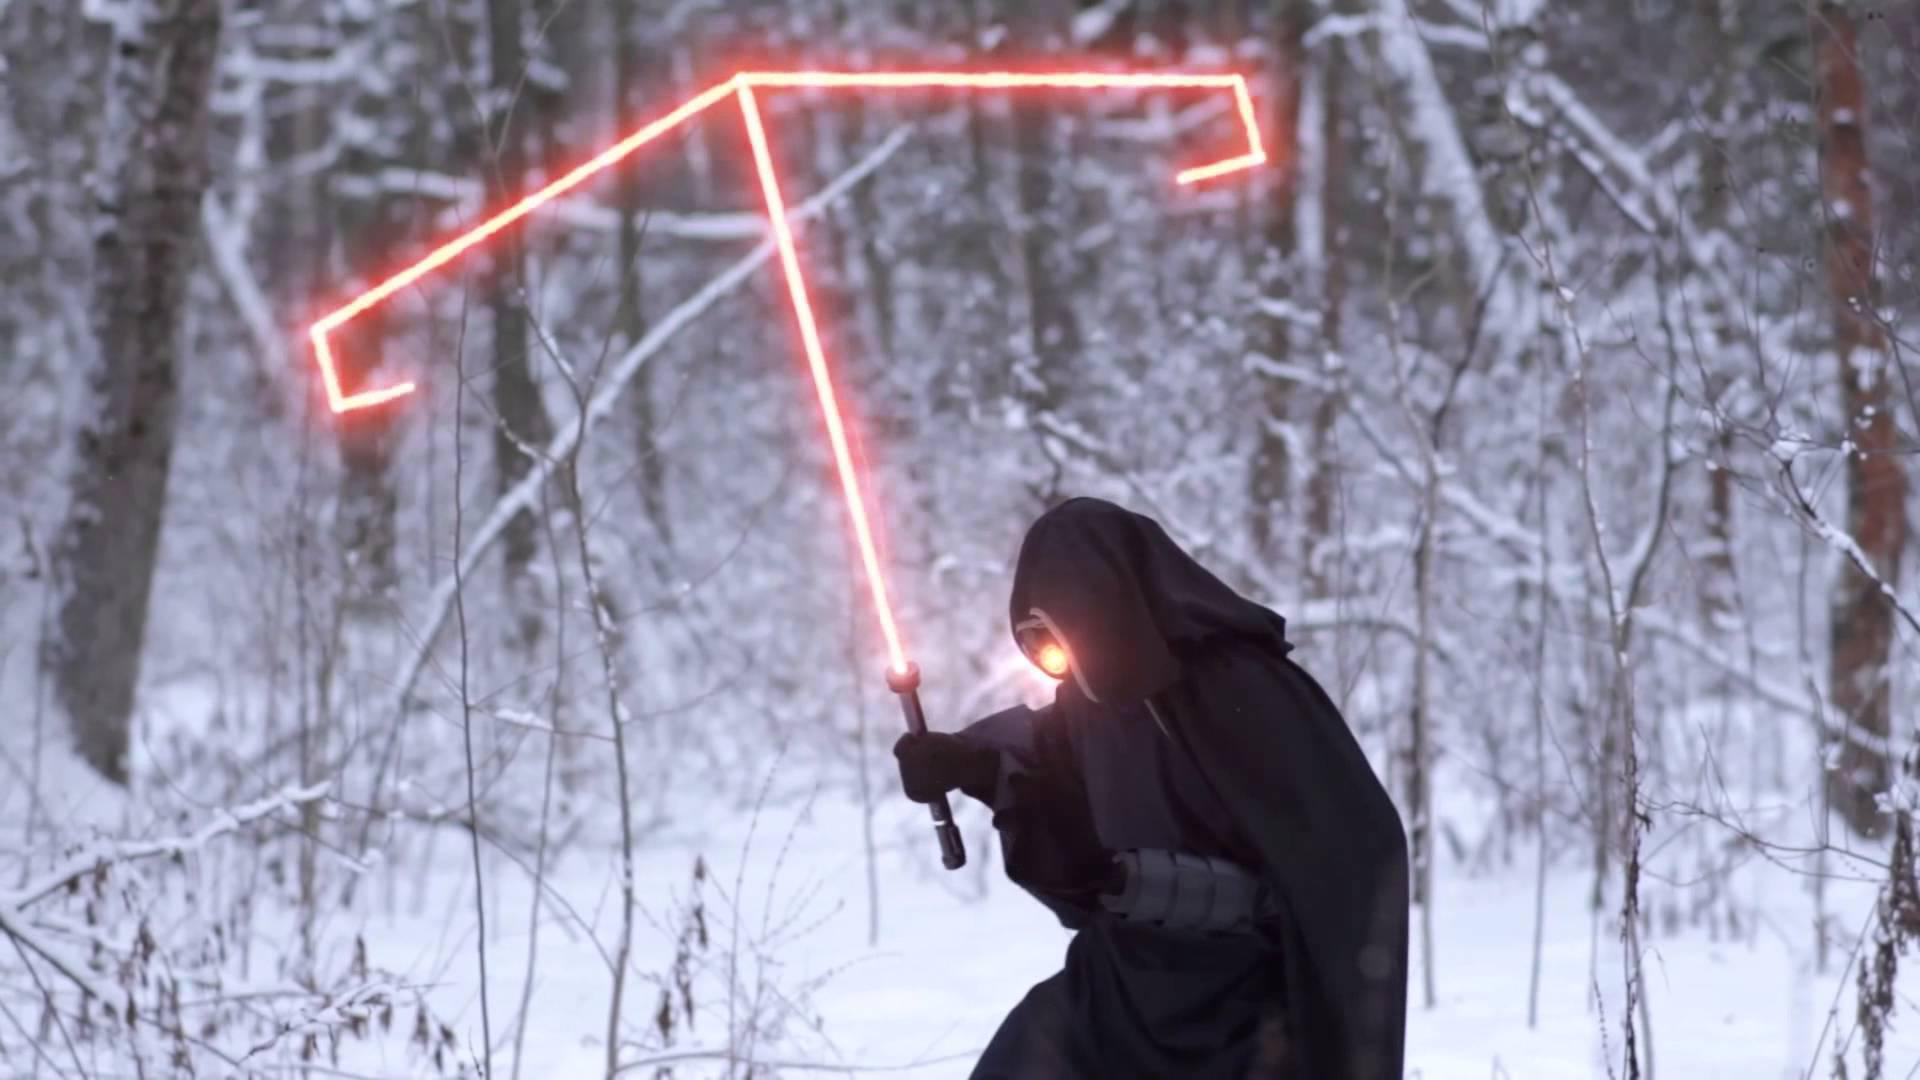 Zdjęcie użytkownika niemamnietu w temacie Miecze świetlne